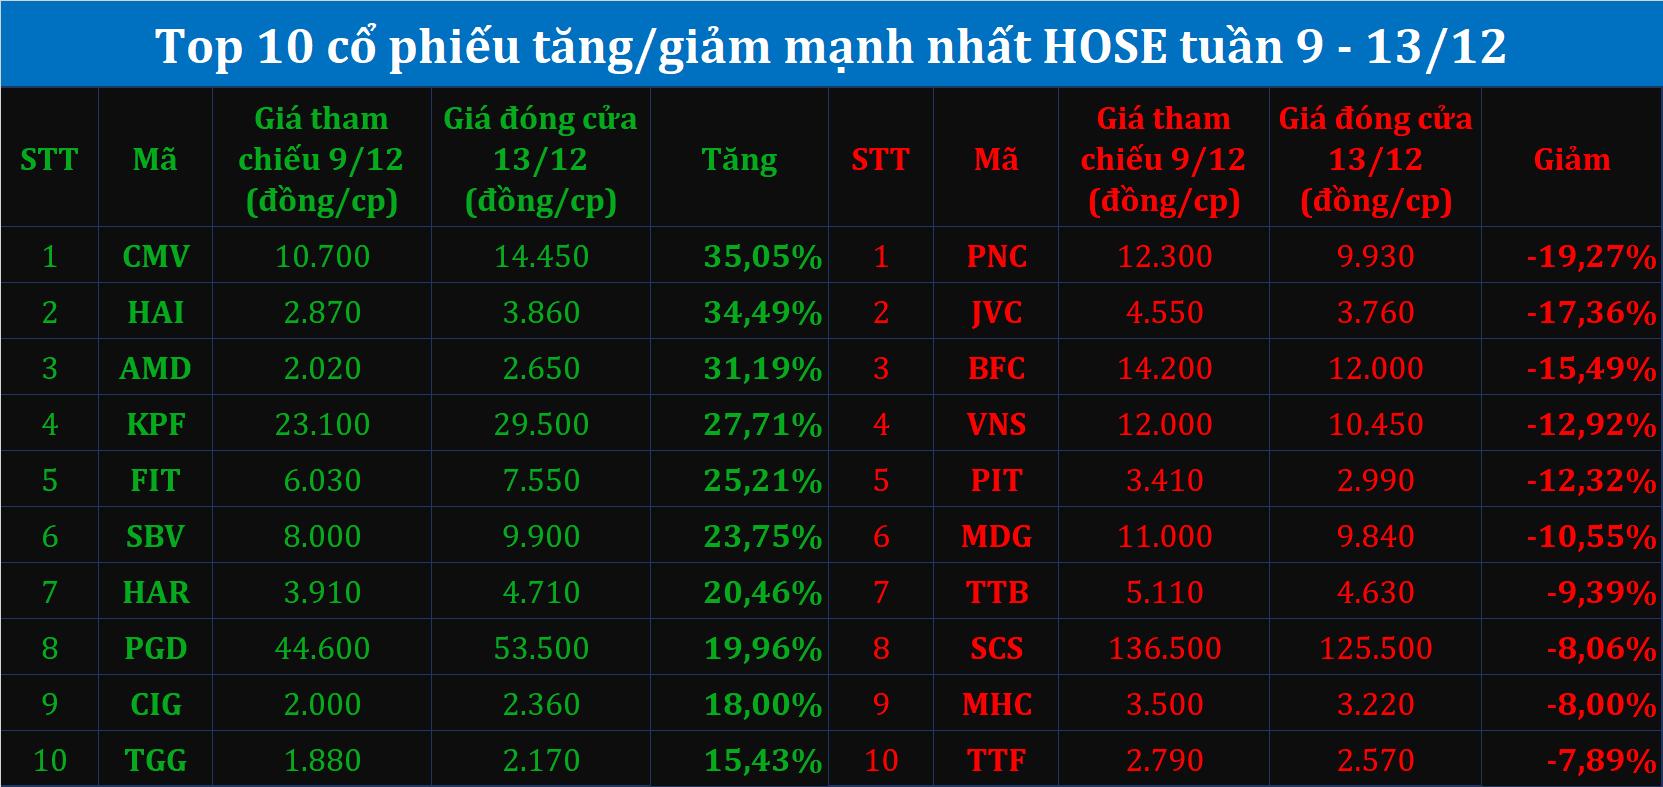 Top10 tăng/giảm tuần (9 - 13/12): Cổ phiếu penny tiếp tục hút tiền, NĐT không thể cắt lỗ...